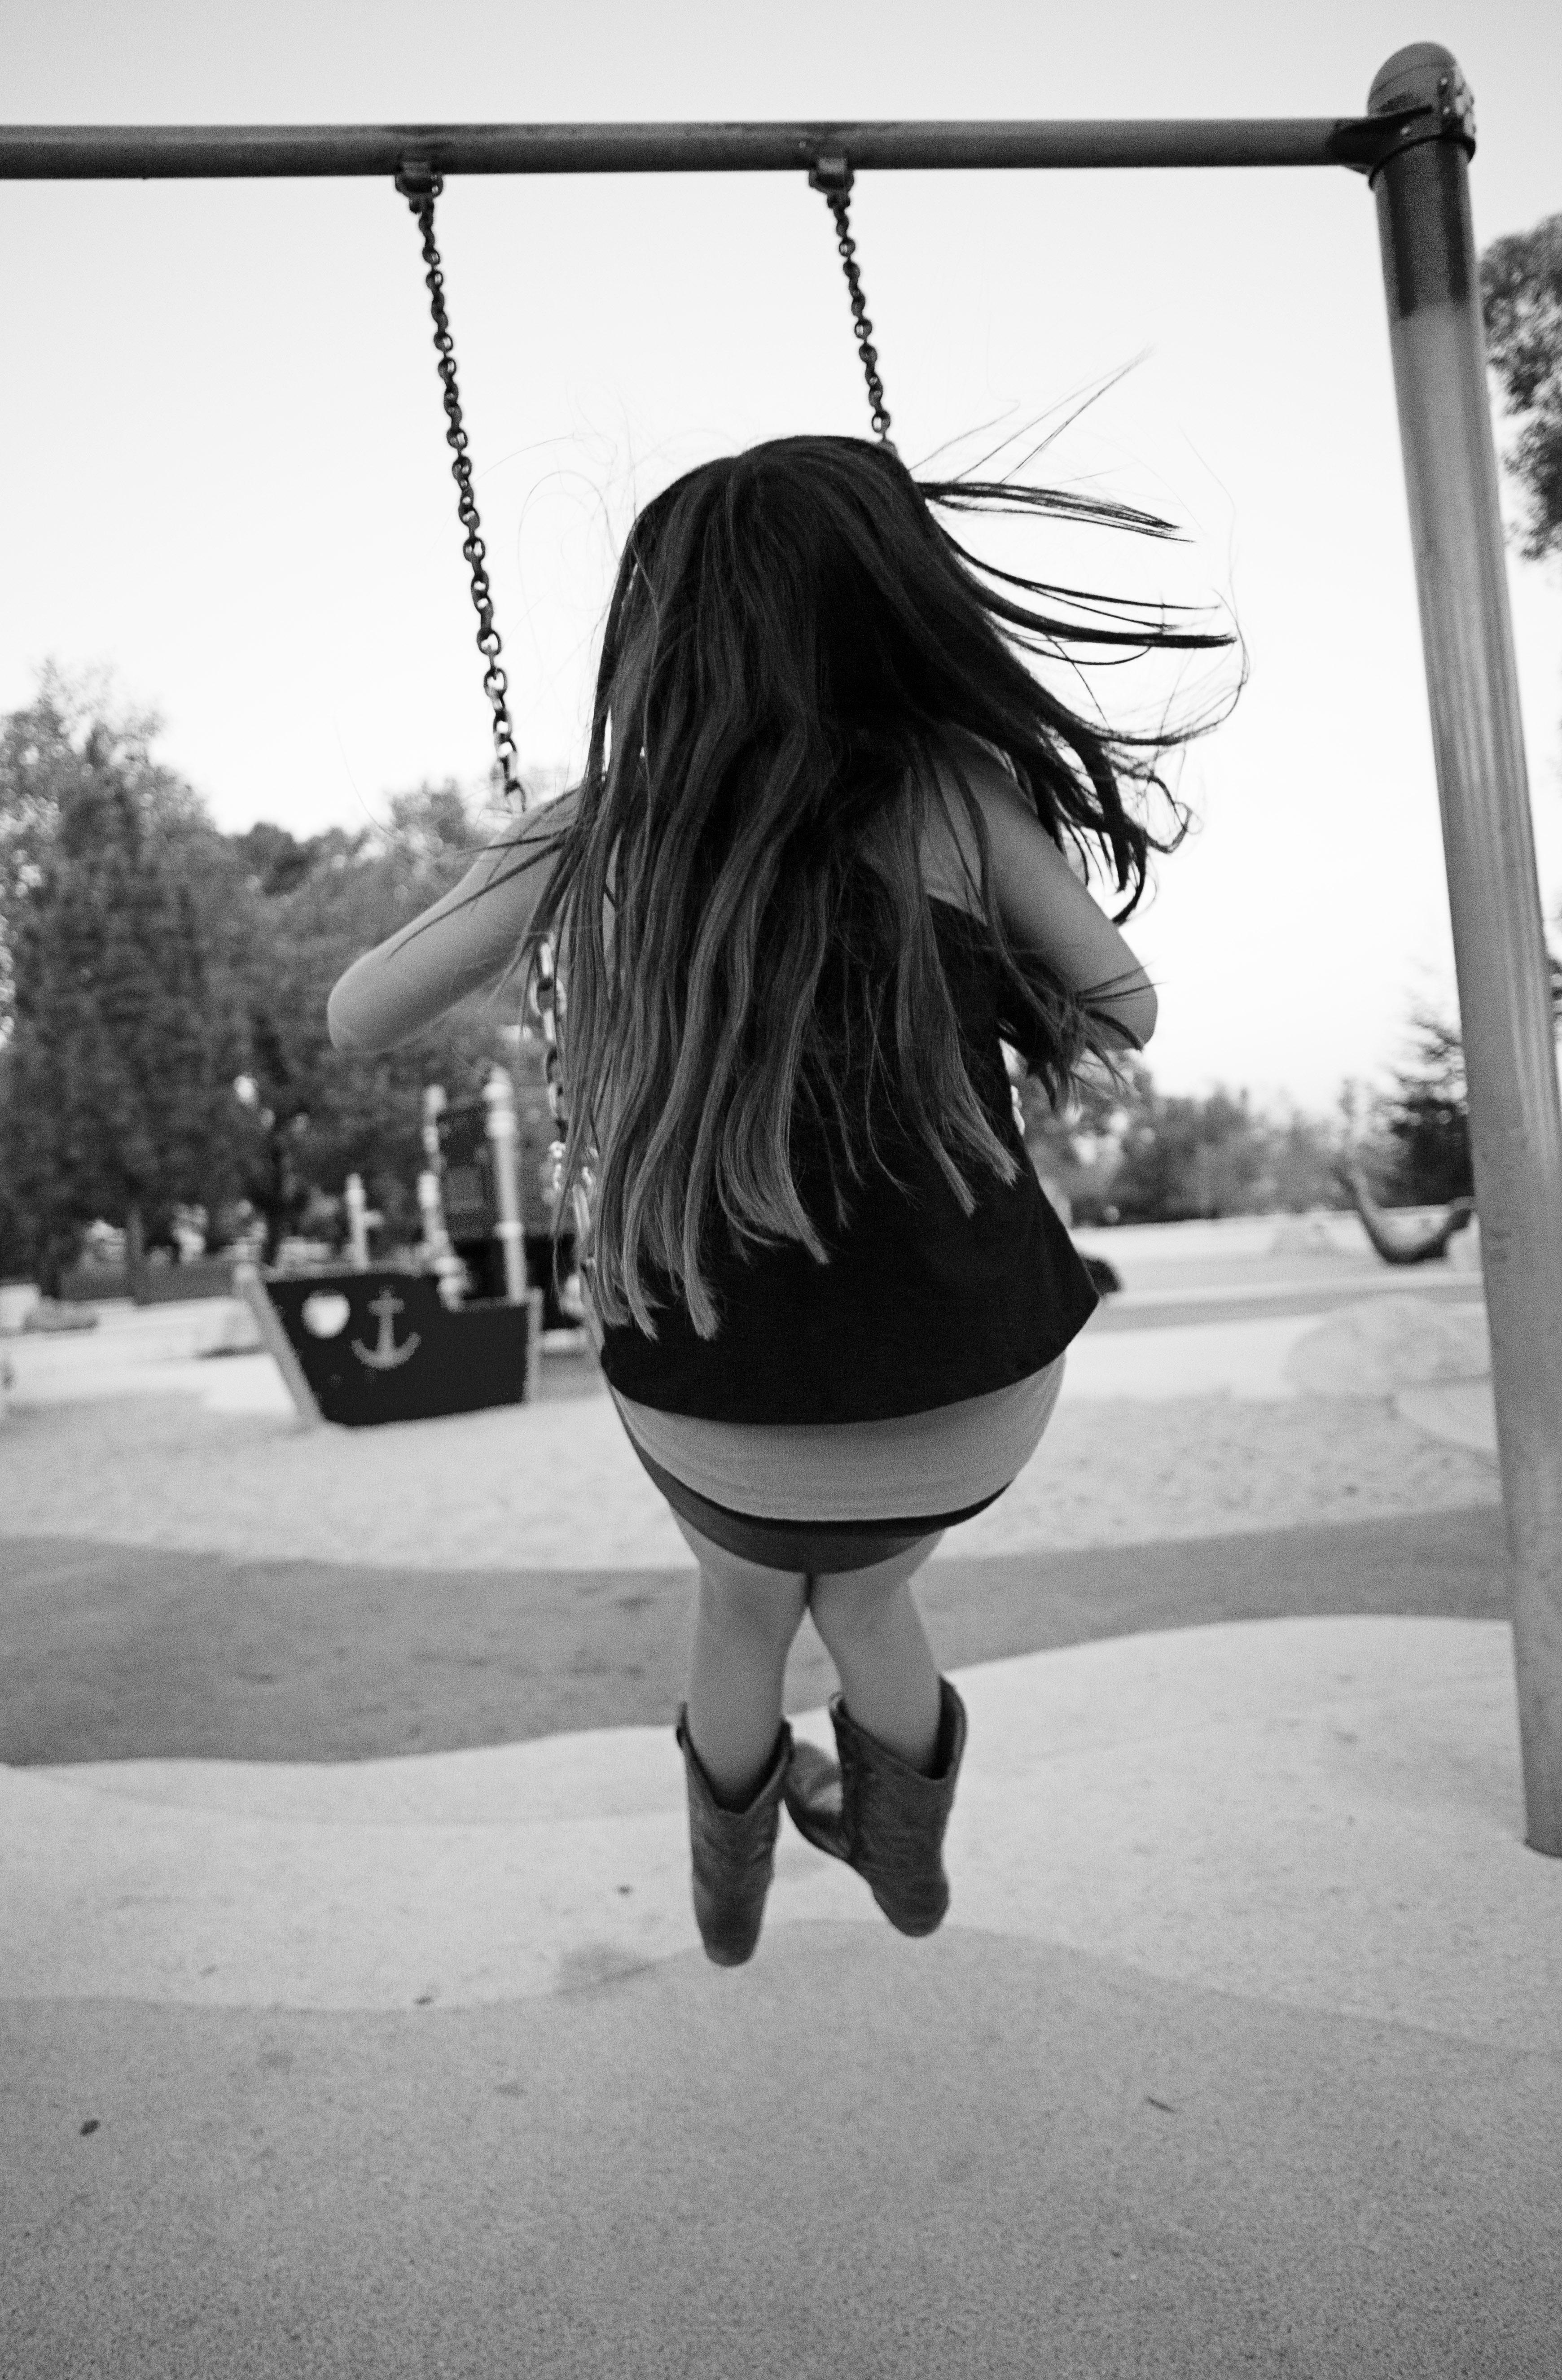 swinger joy